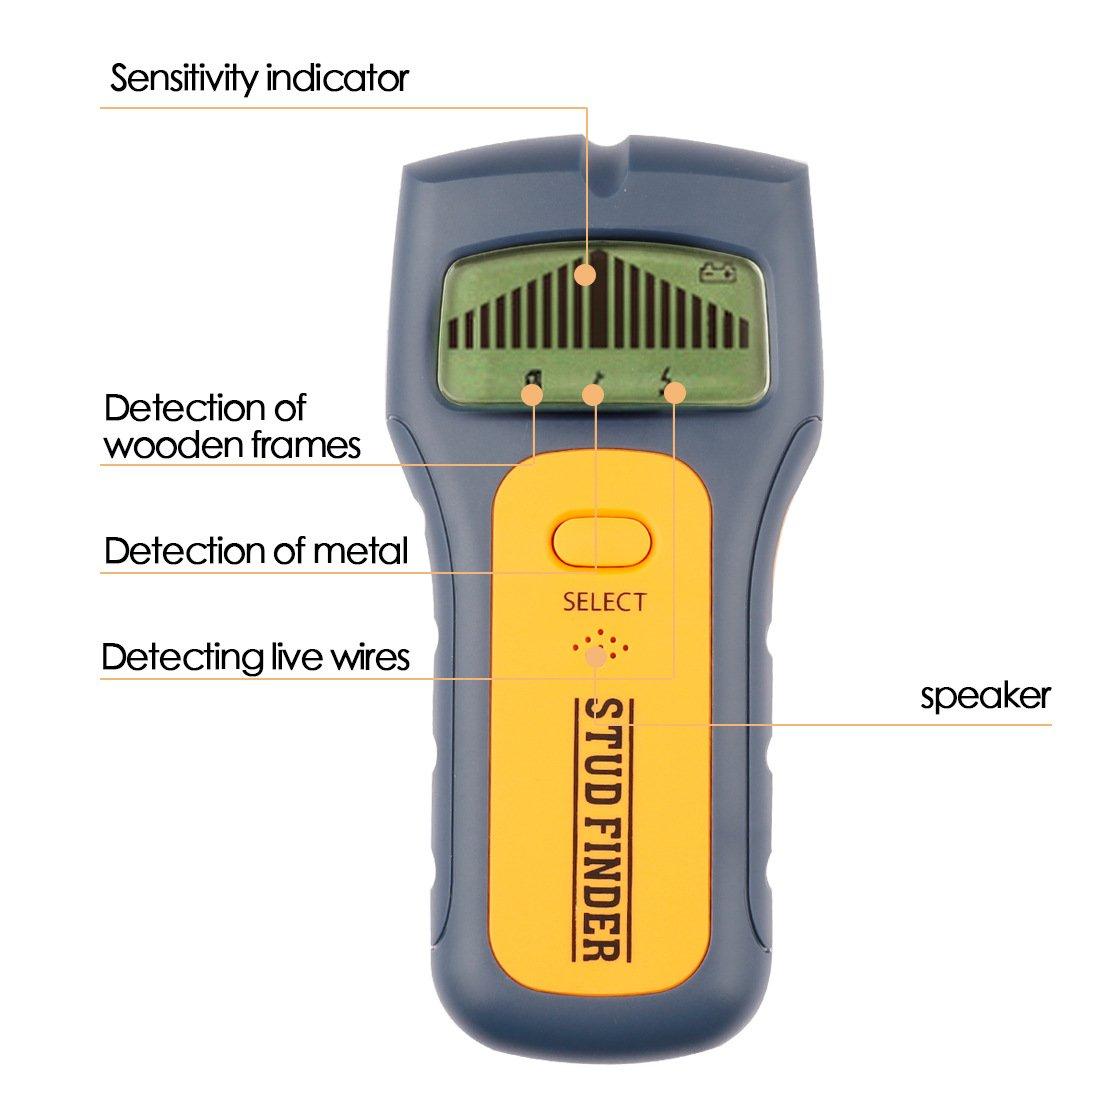 Detector/sensor de escaneo multifuncional de pared para detectores de madera y detectores de metales y alambre de CA/ayudante de decoración de hogar y ...